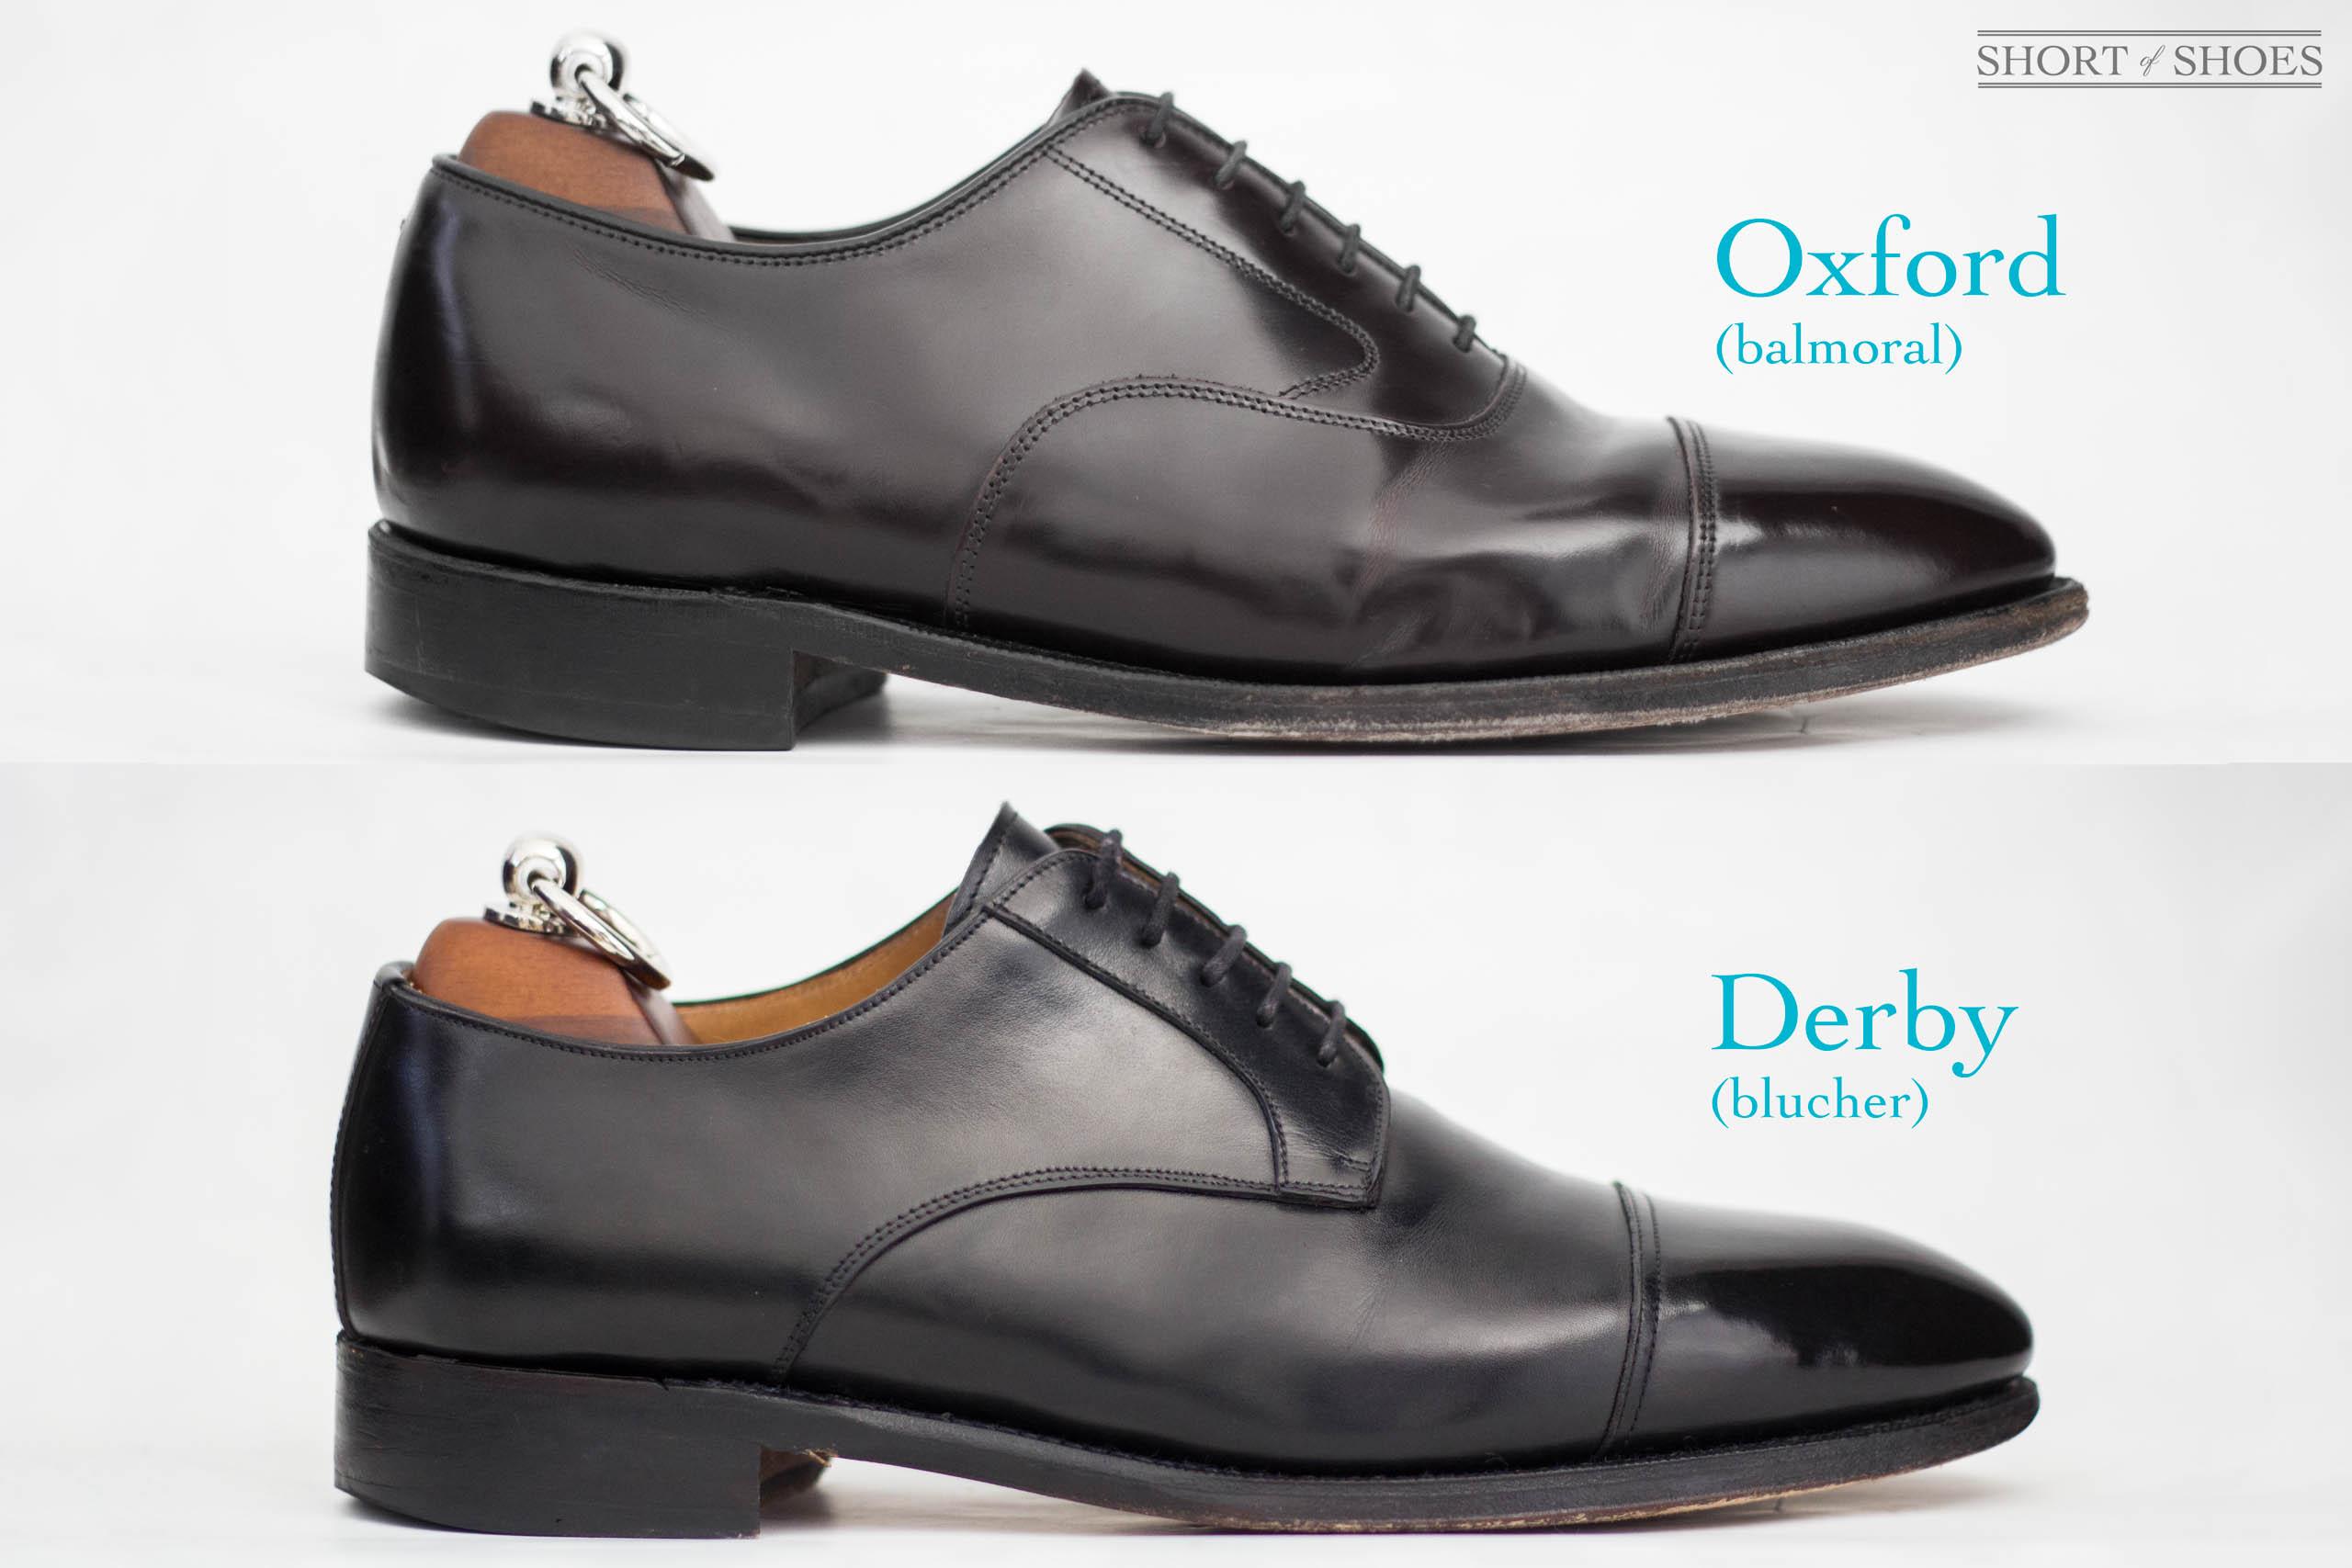 Oxford vs Derby: A Visual Comparison in